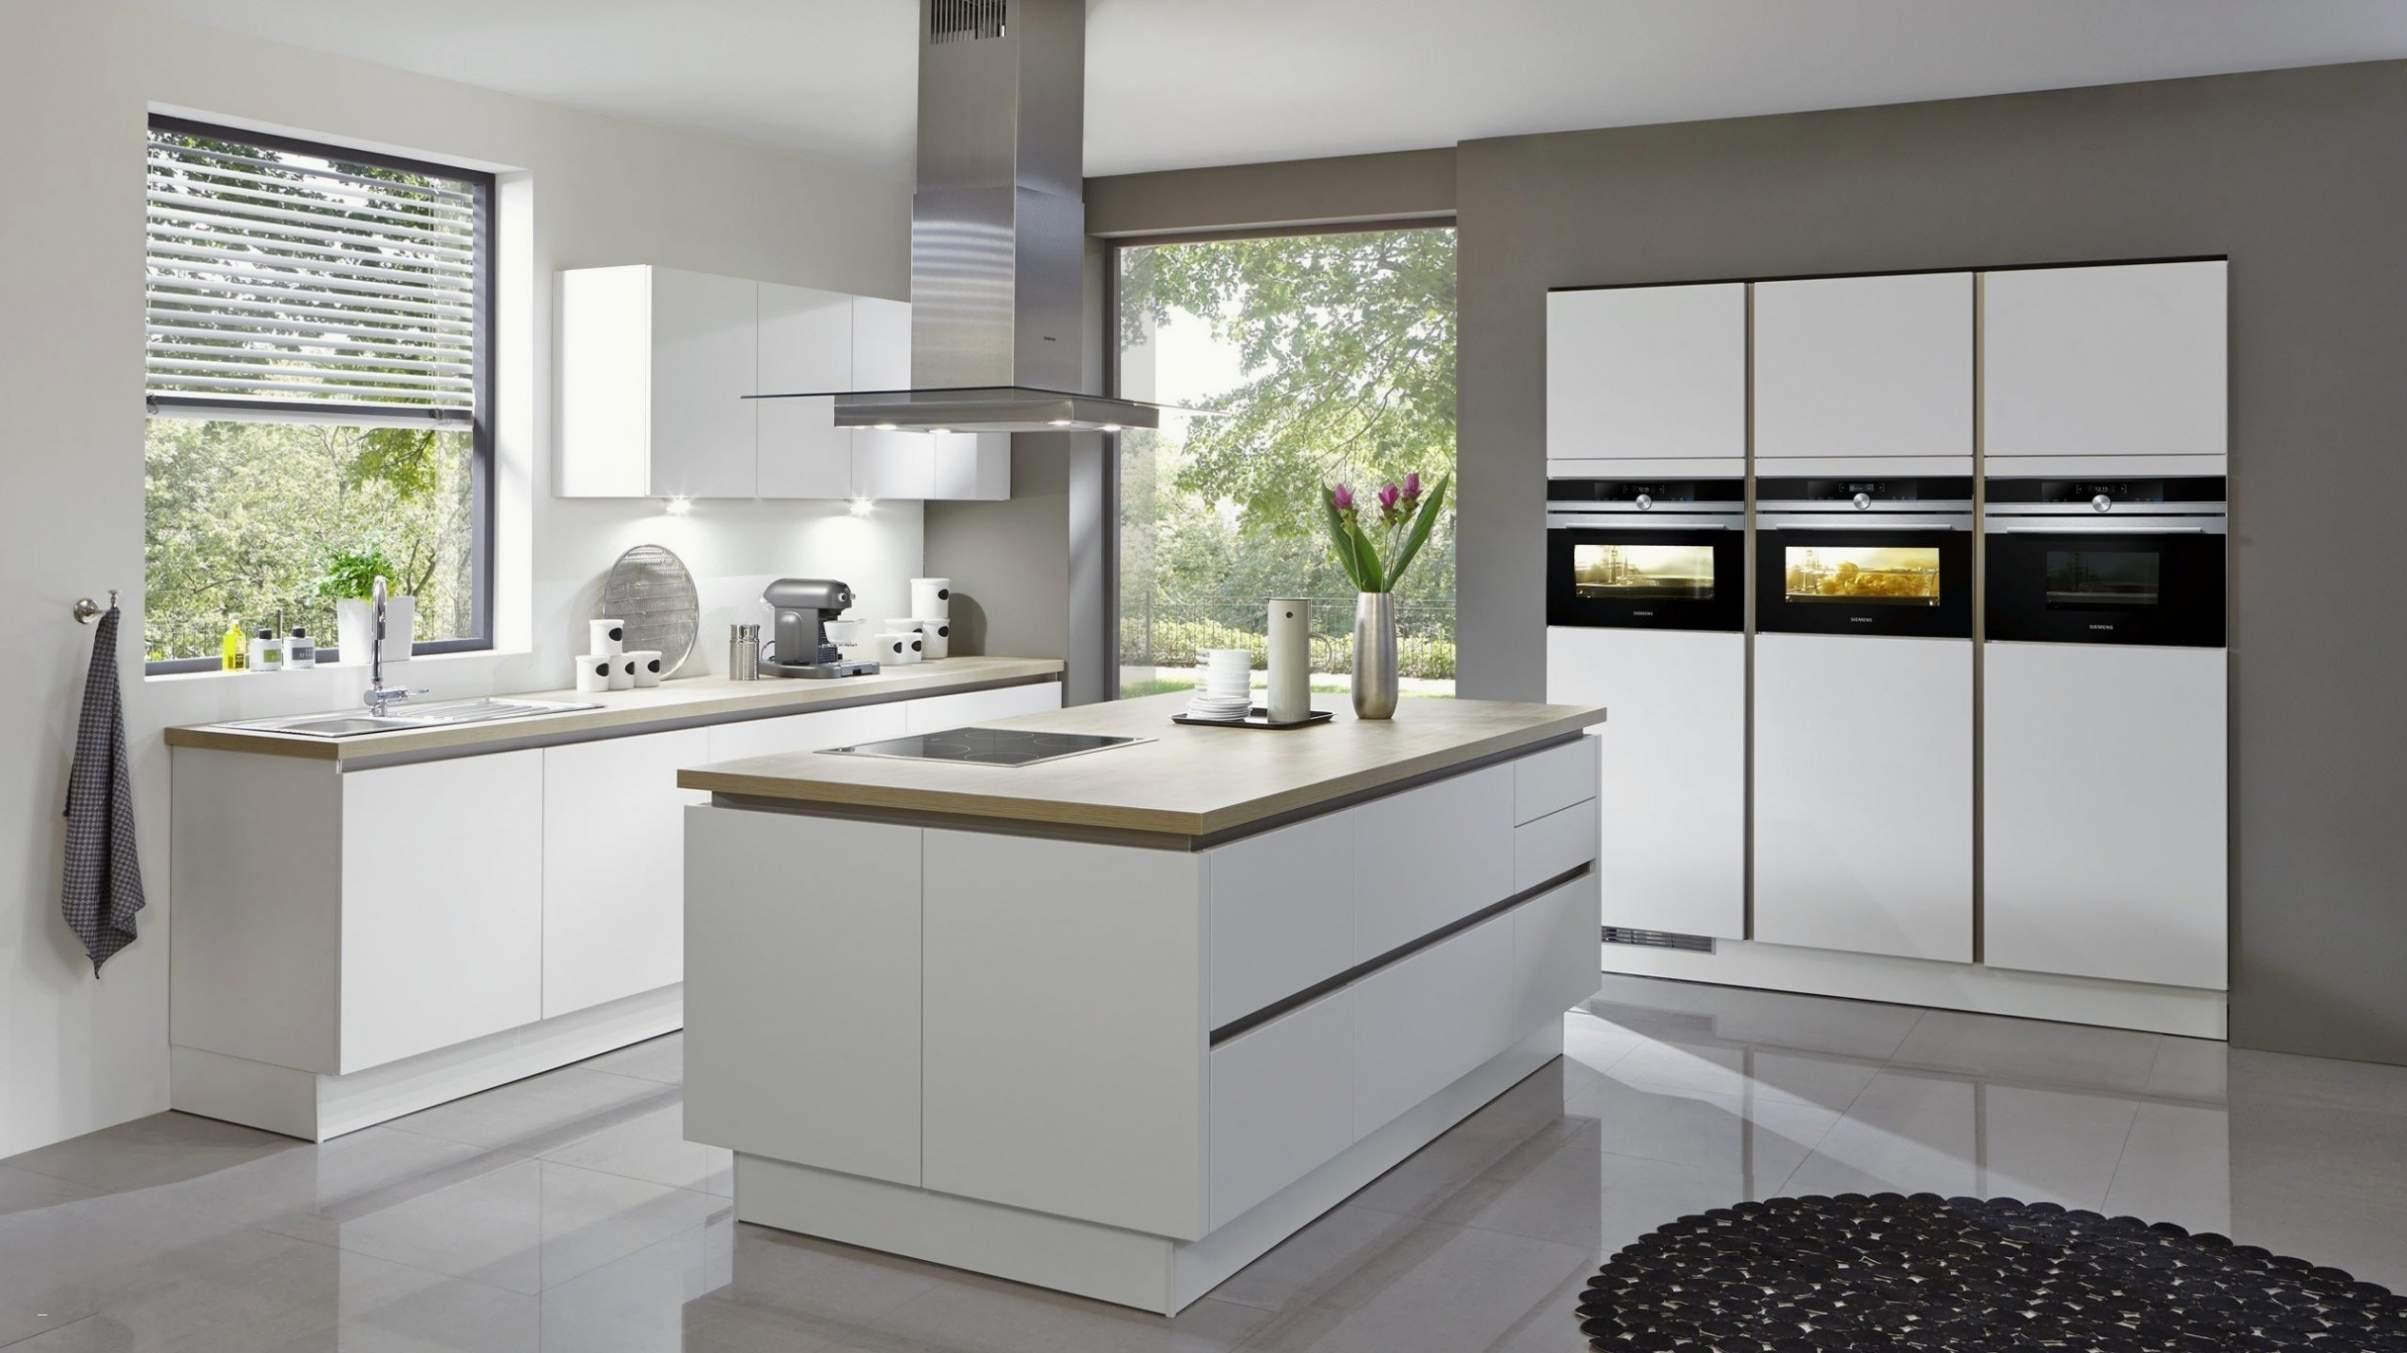 kuche mit waschmaschine spritzschutz kuche plexiglas selber machen kuche mit integriertem sitzplatz kuche mit integriertem sitzplatz 2